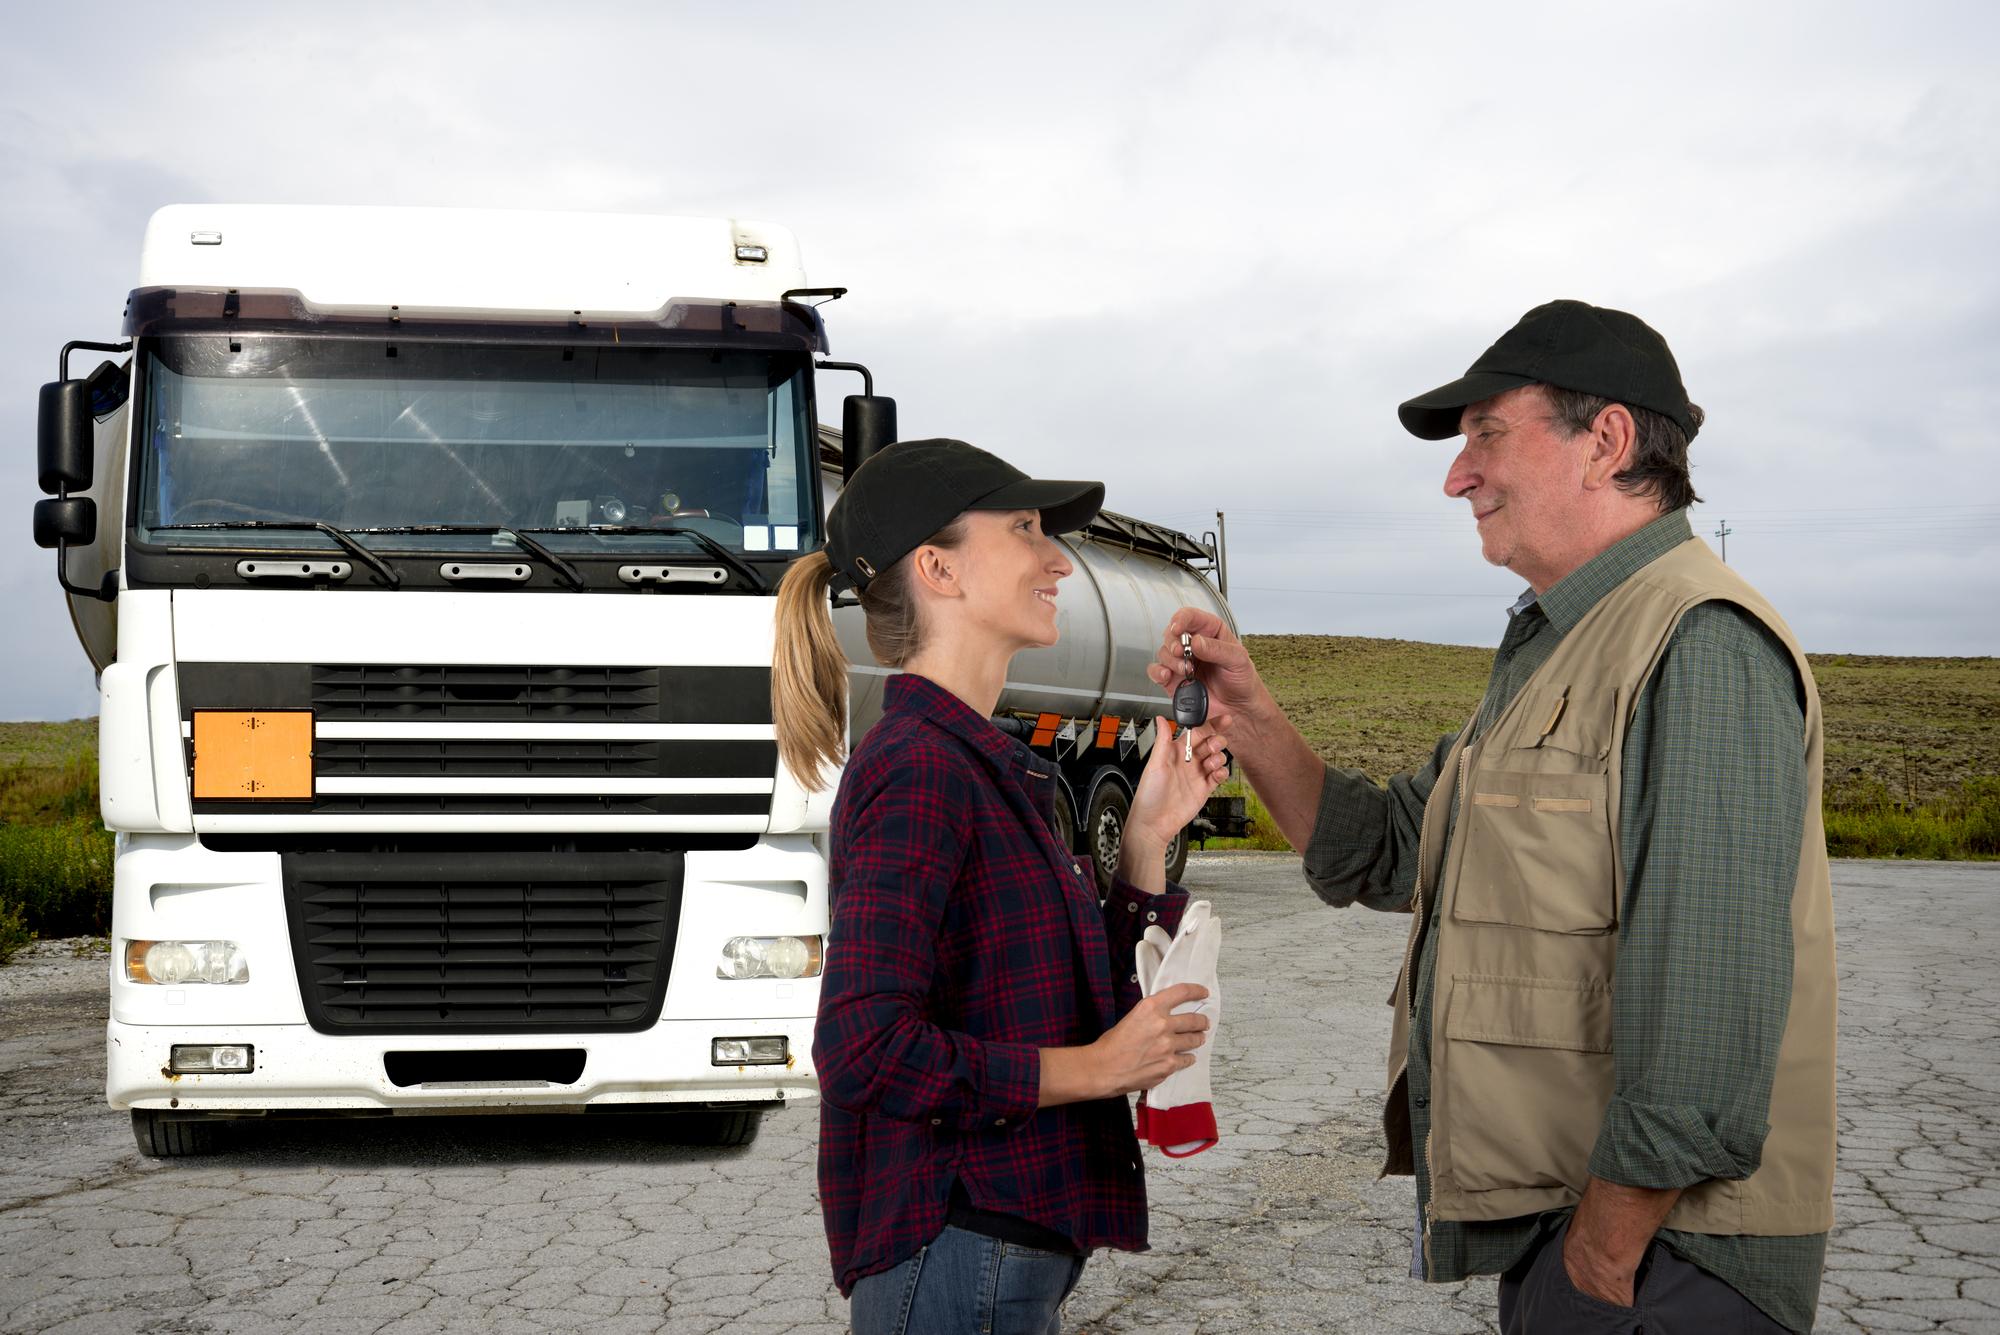 Truck driver's exchange keys